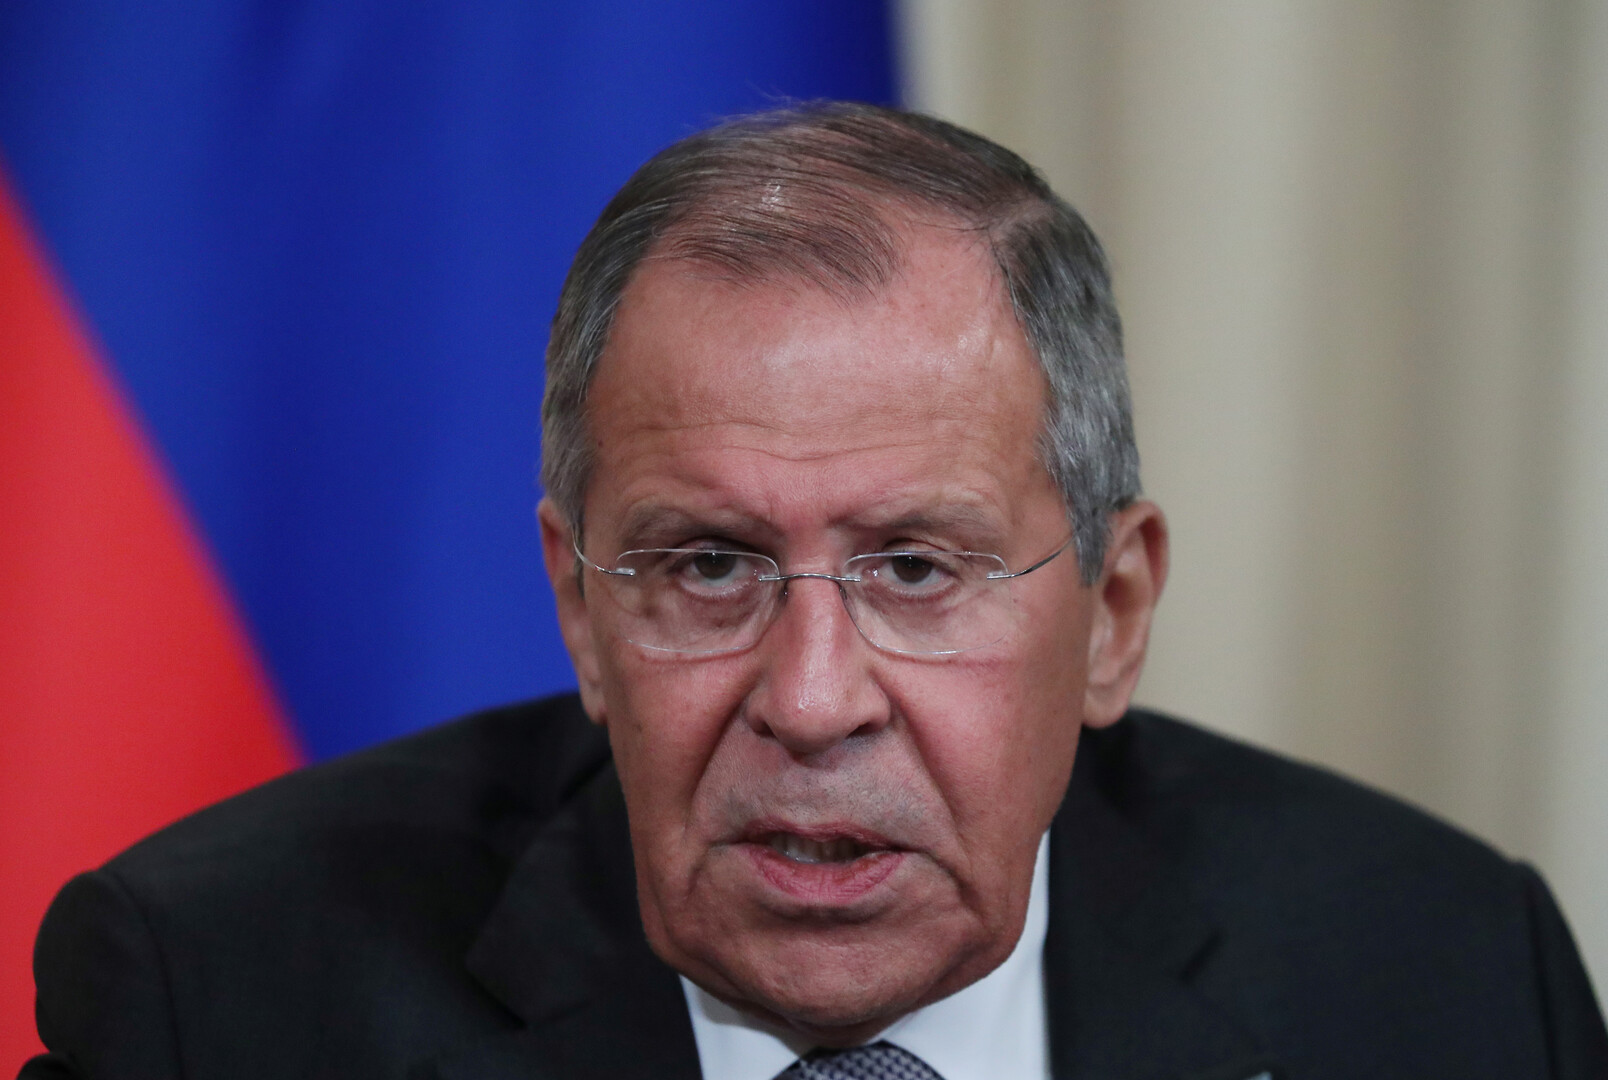 لافروف: أكدنا مع زيلينسكي اهتمام بلدينا بحل قضية دونباس بموجب اتفاقات مينسك